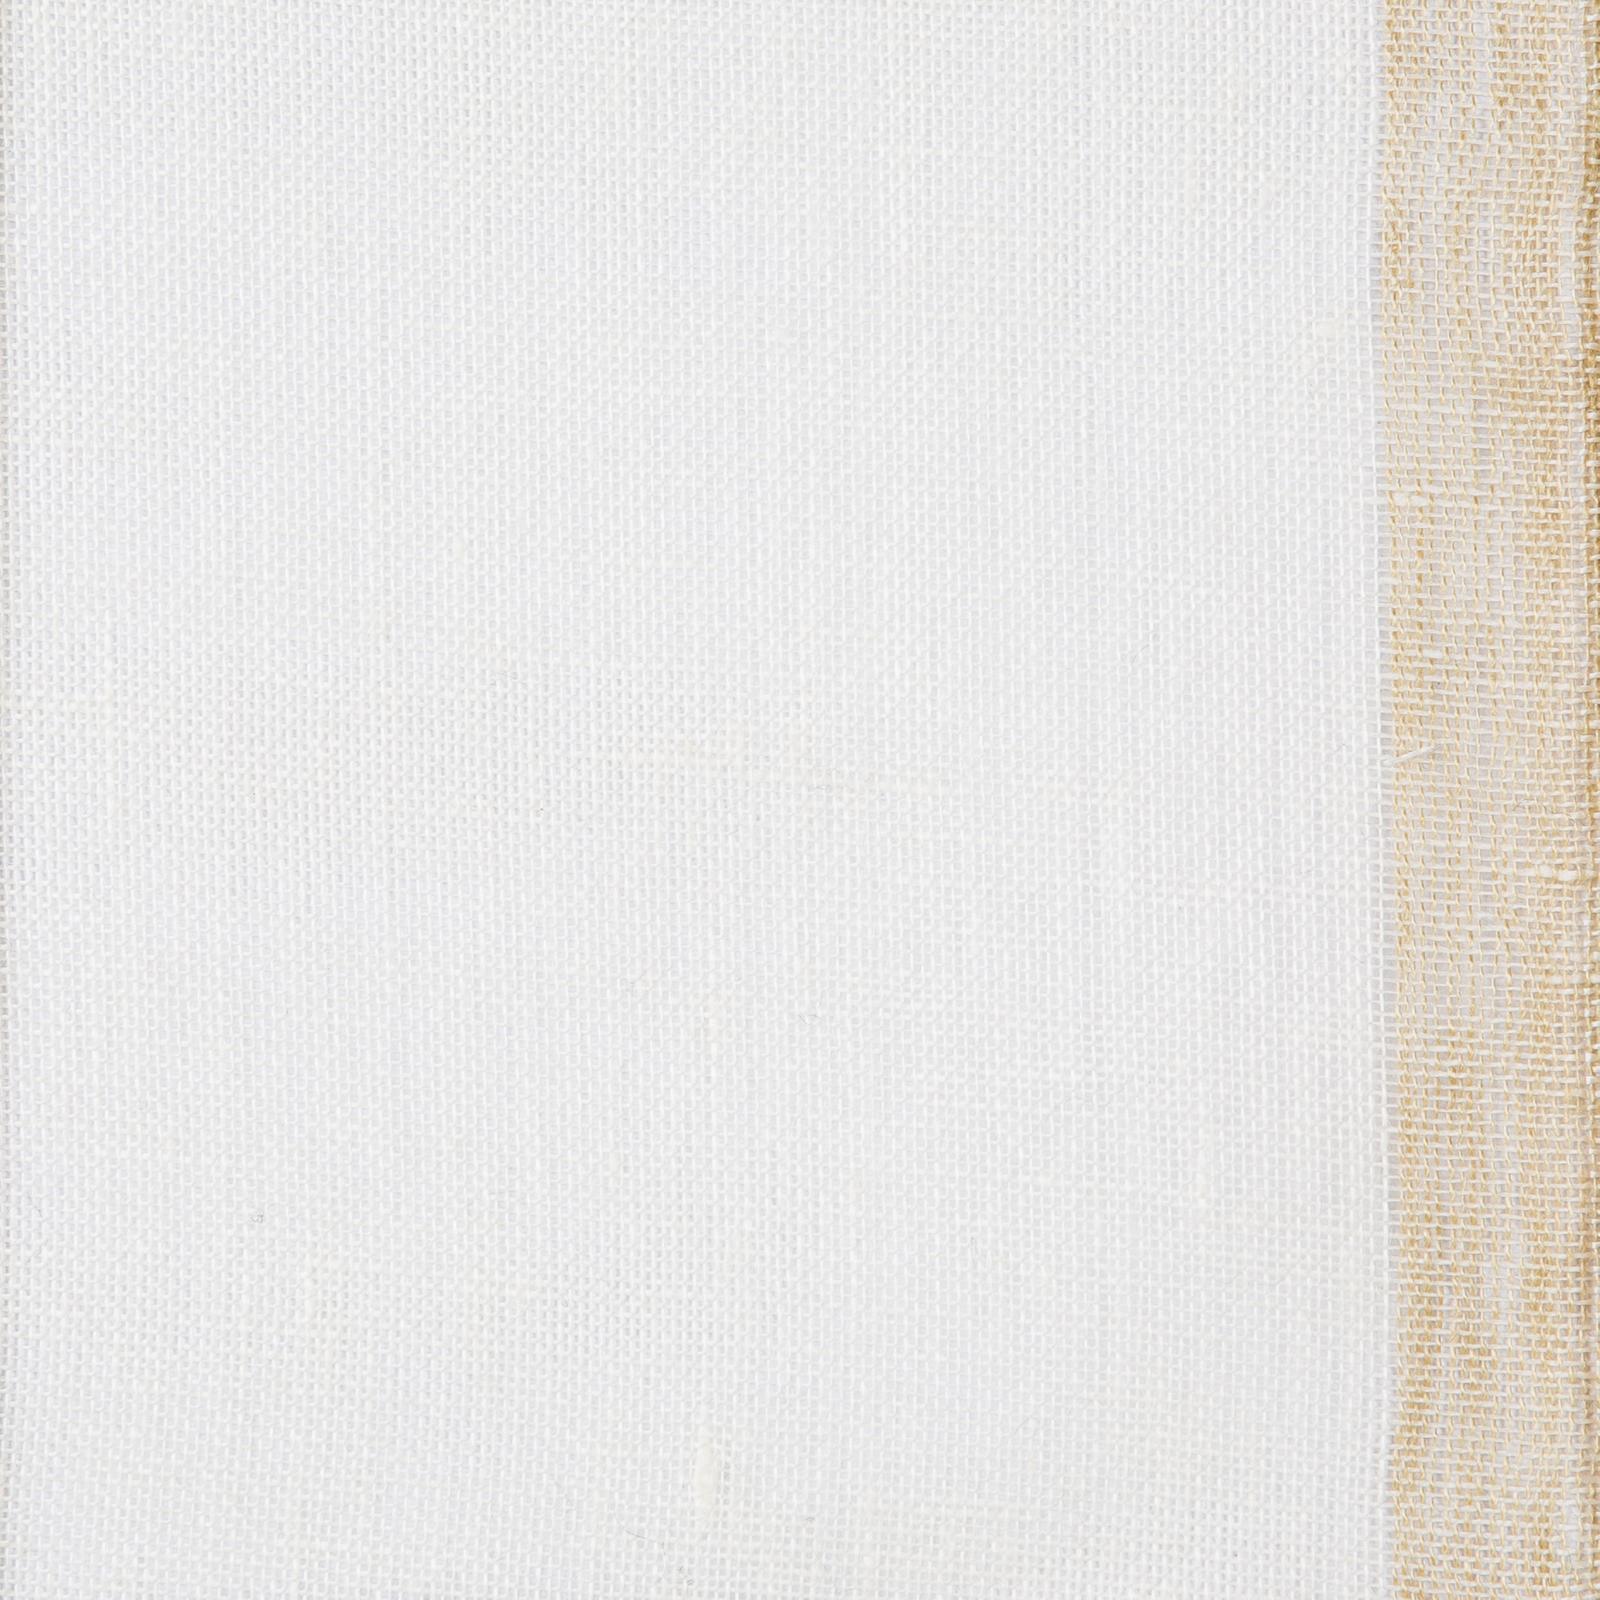 Gryning (skimmer) linnegardin av Eva Jemt Klässbols Linneväveri. Vit med beige kant